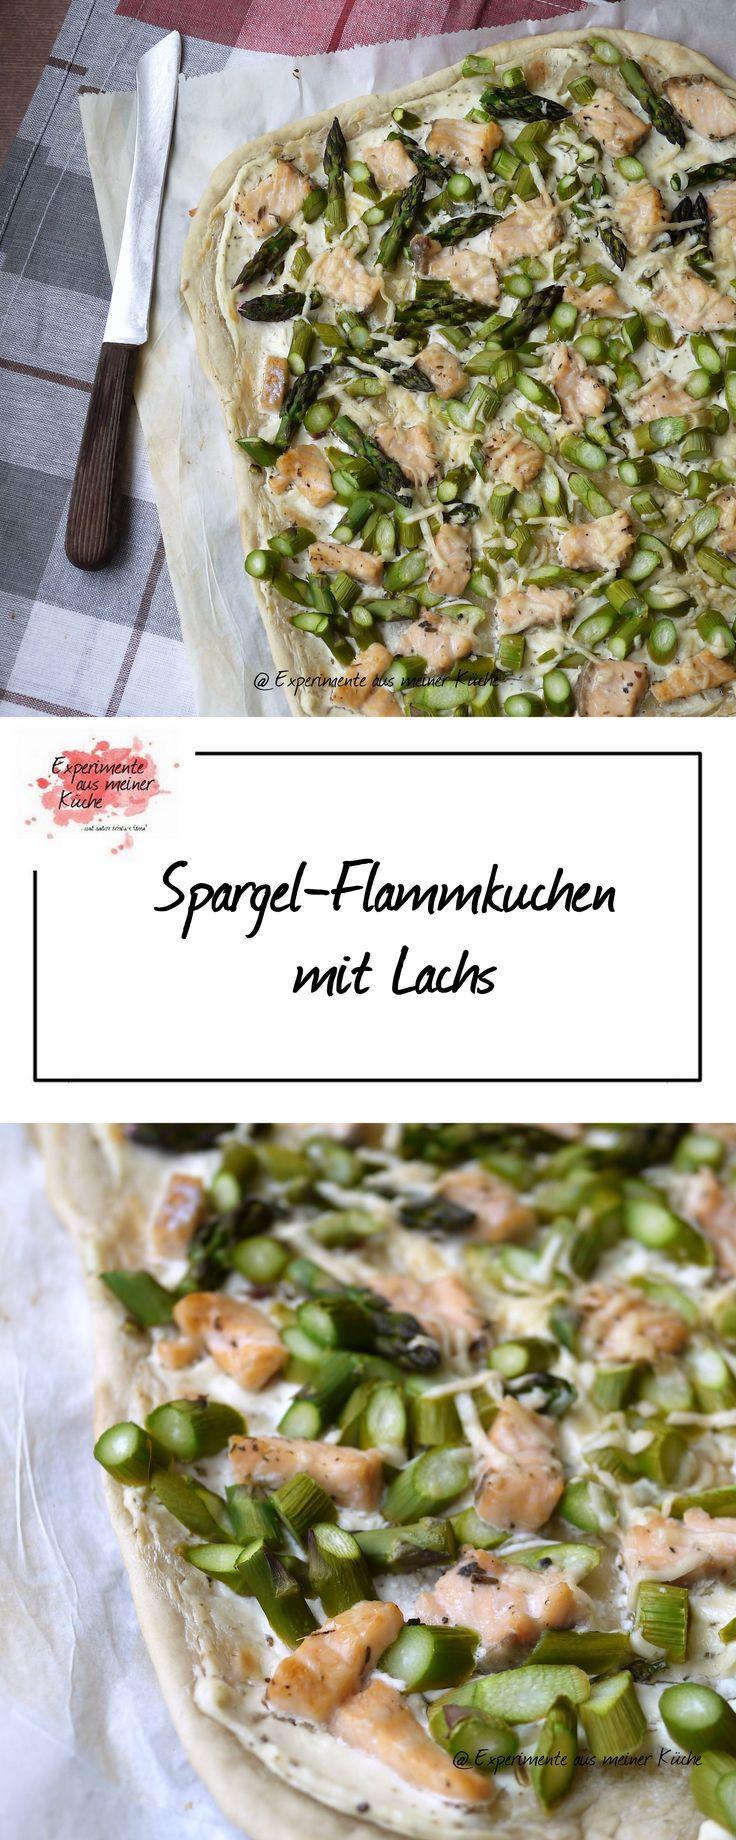 Experimente aus meiner Küche: Spargel-Flammkuchen mit Lachs